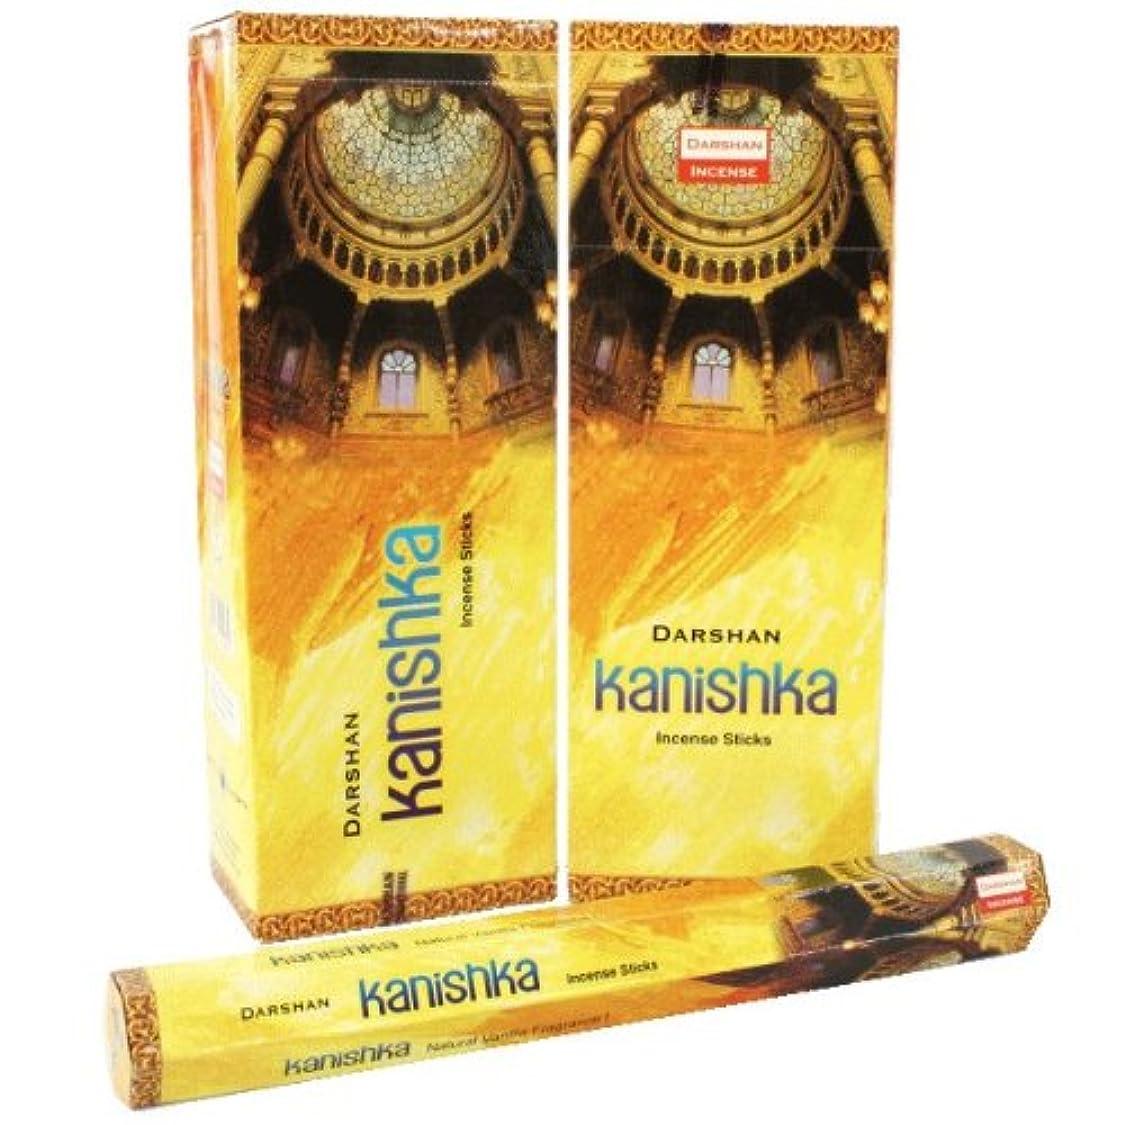 一般的に言えば許容できるオーチャードダルシャン カニシュカ香 スティック ヘキサパック(六角) 12箱セット DARSHAN KANISHKA